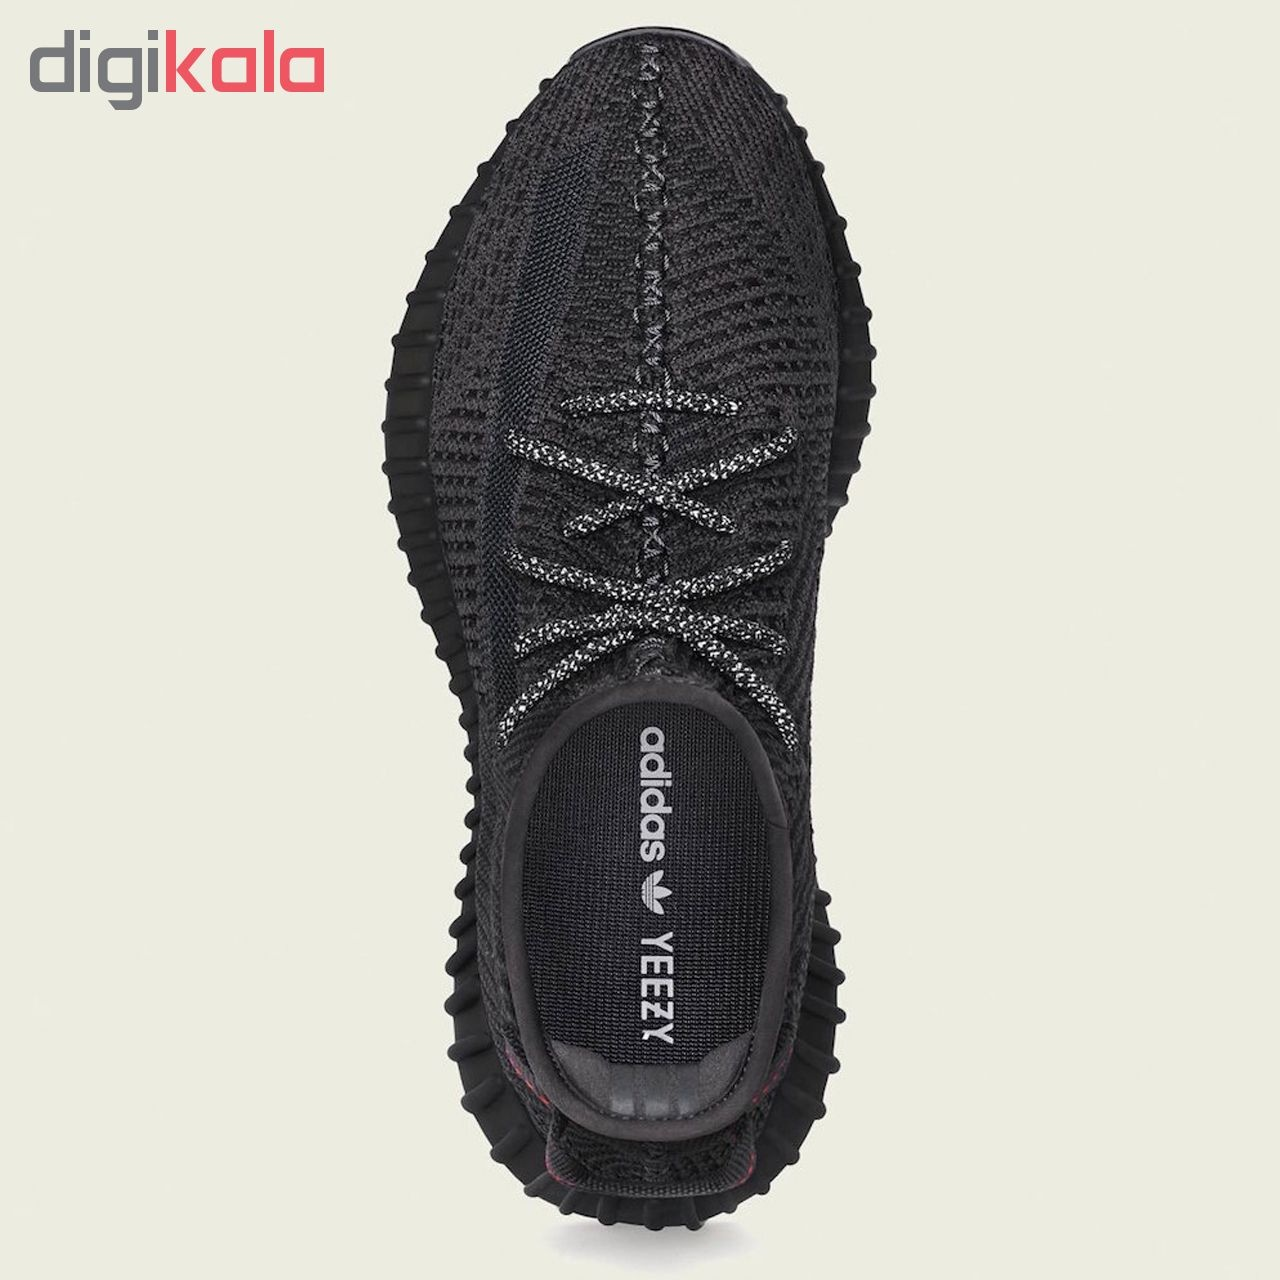 کفش مخصوص دویدن مردانه آدیداس مدل YEEZY 350 کد 876-098